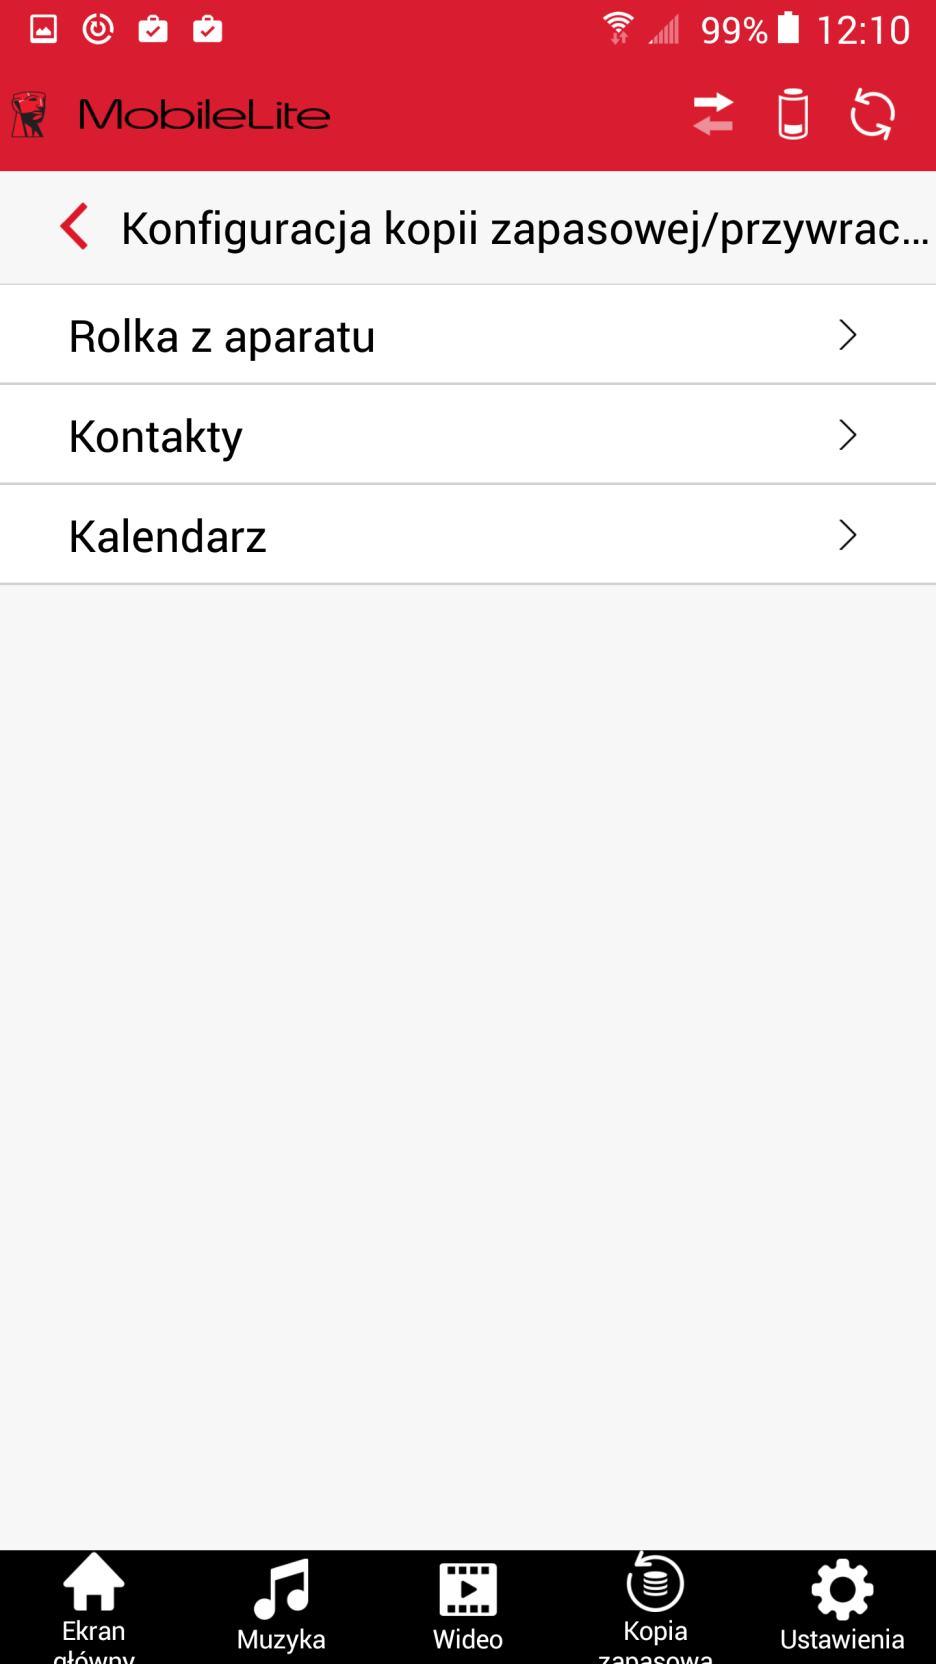 Kingston MobileLite aplikacja android 3